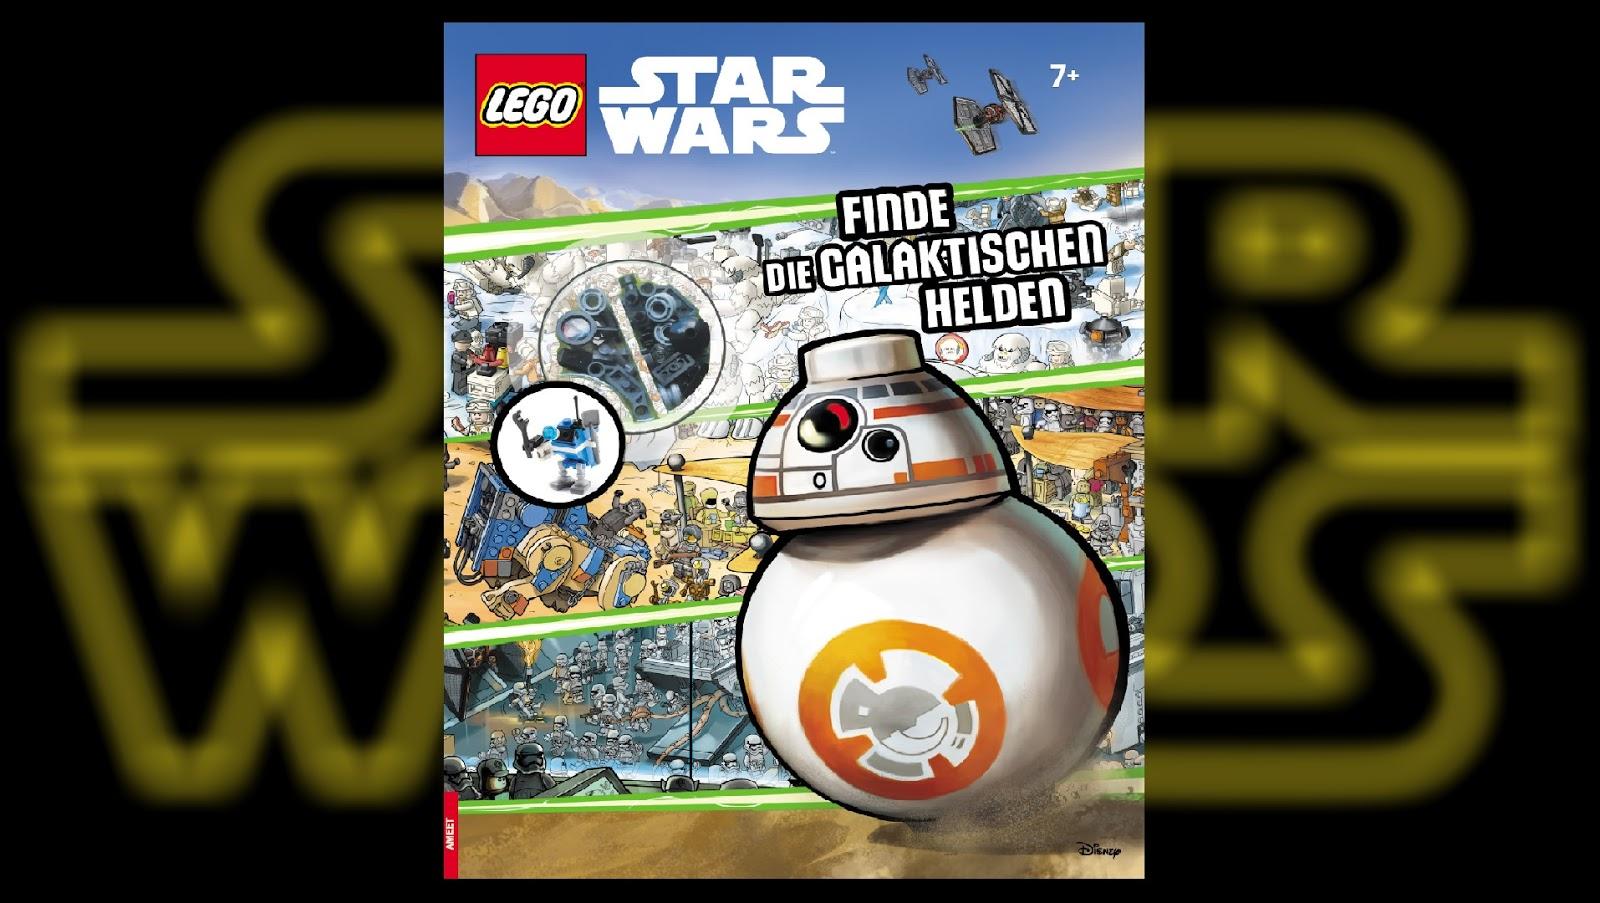 Recenzja Lego Star Wars Finde Die Galaktischen Helden świat